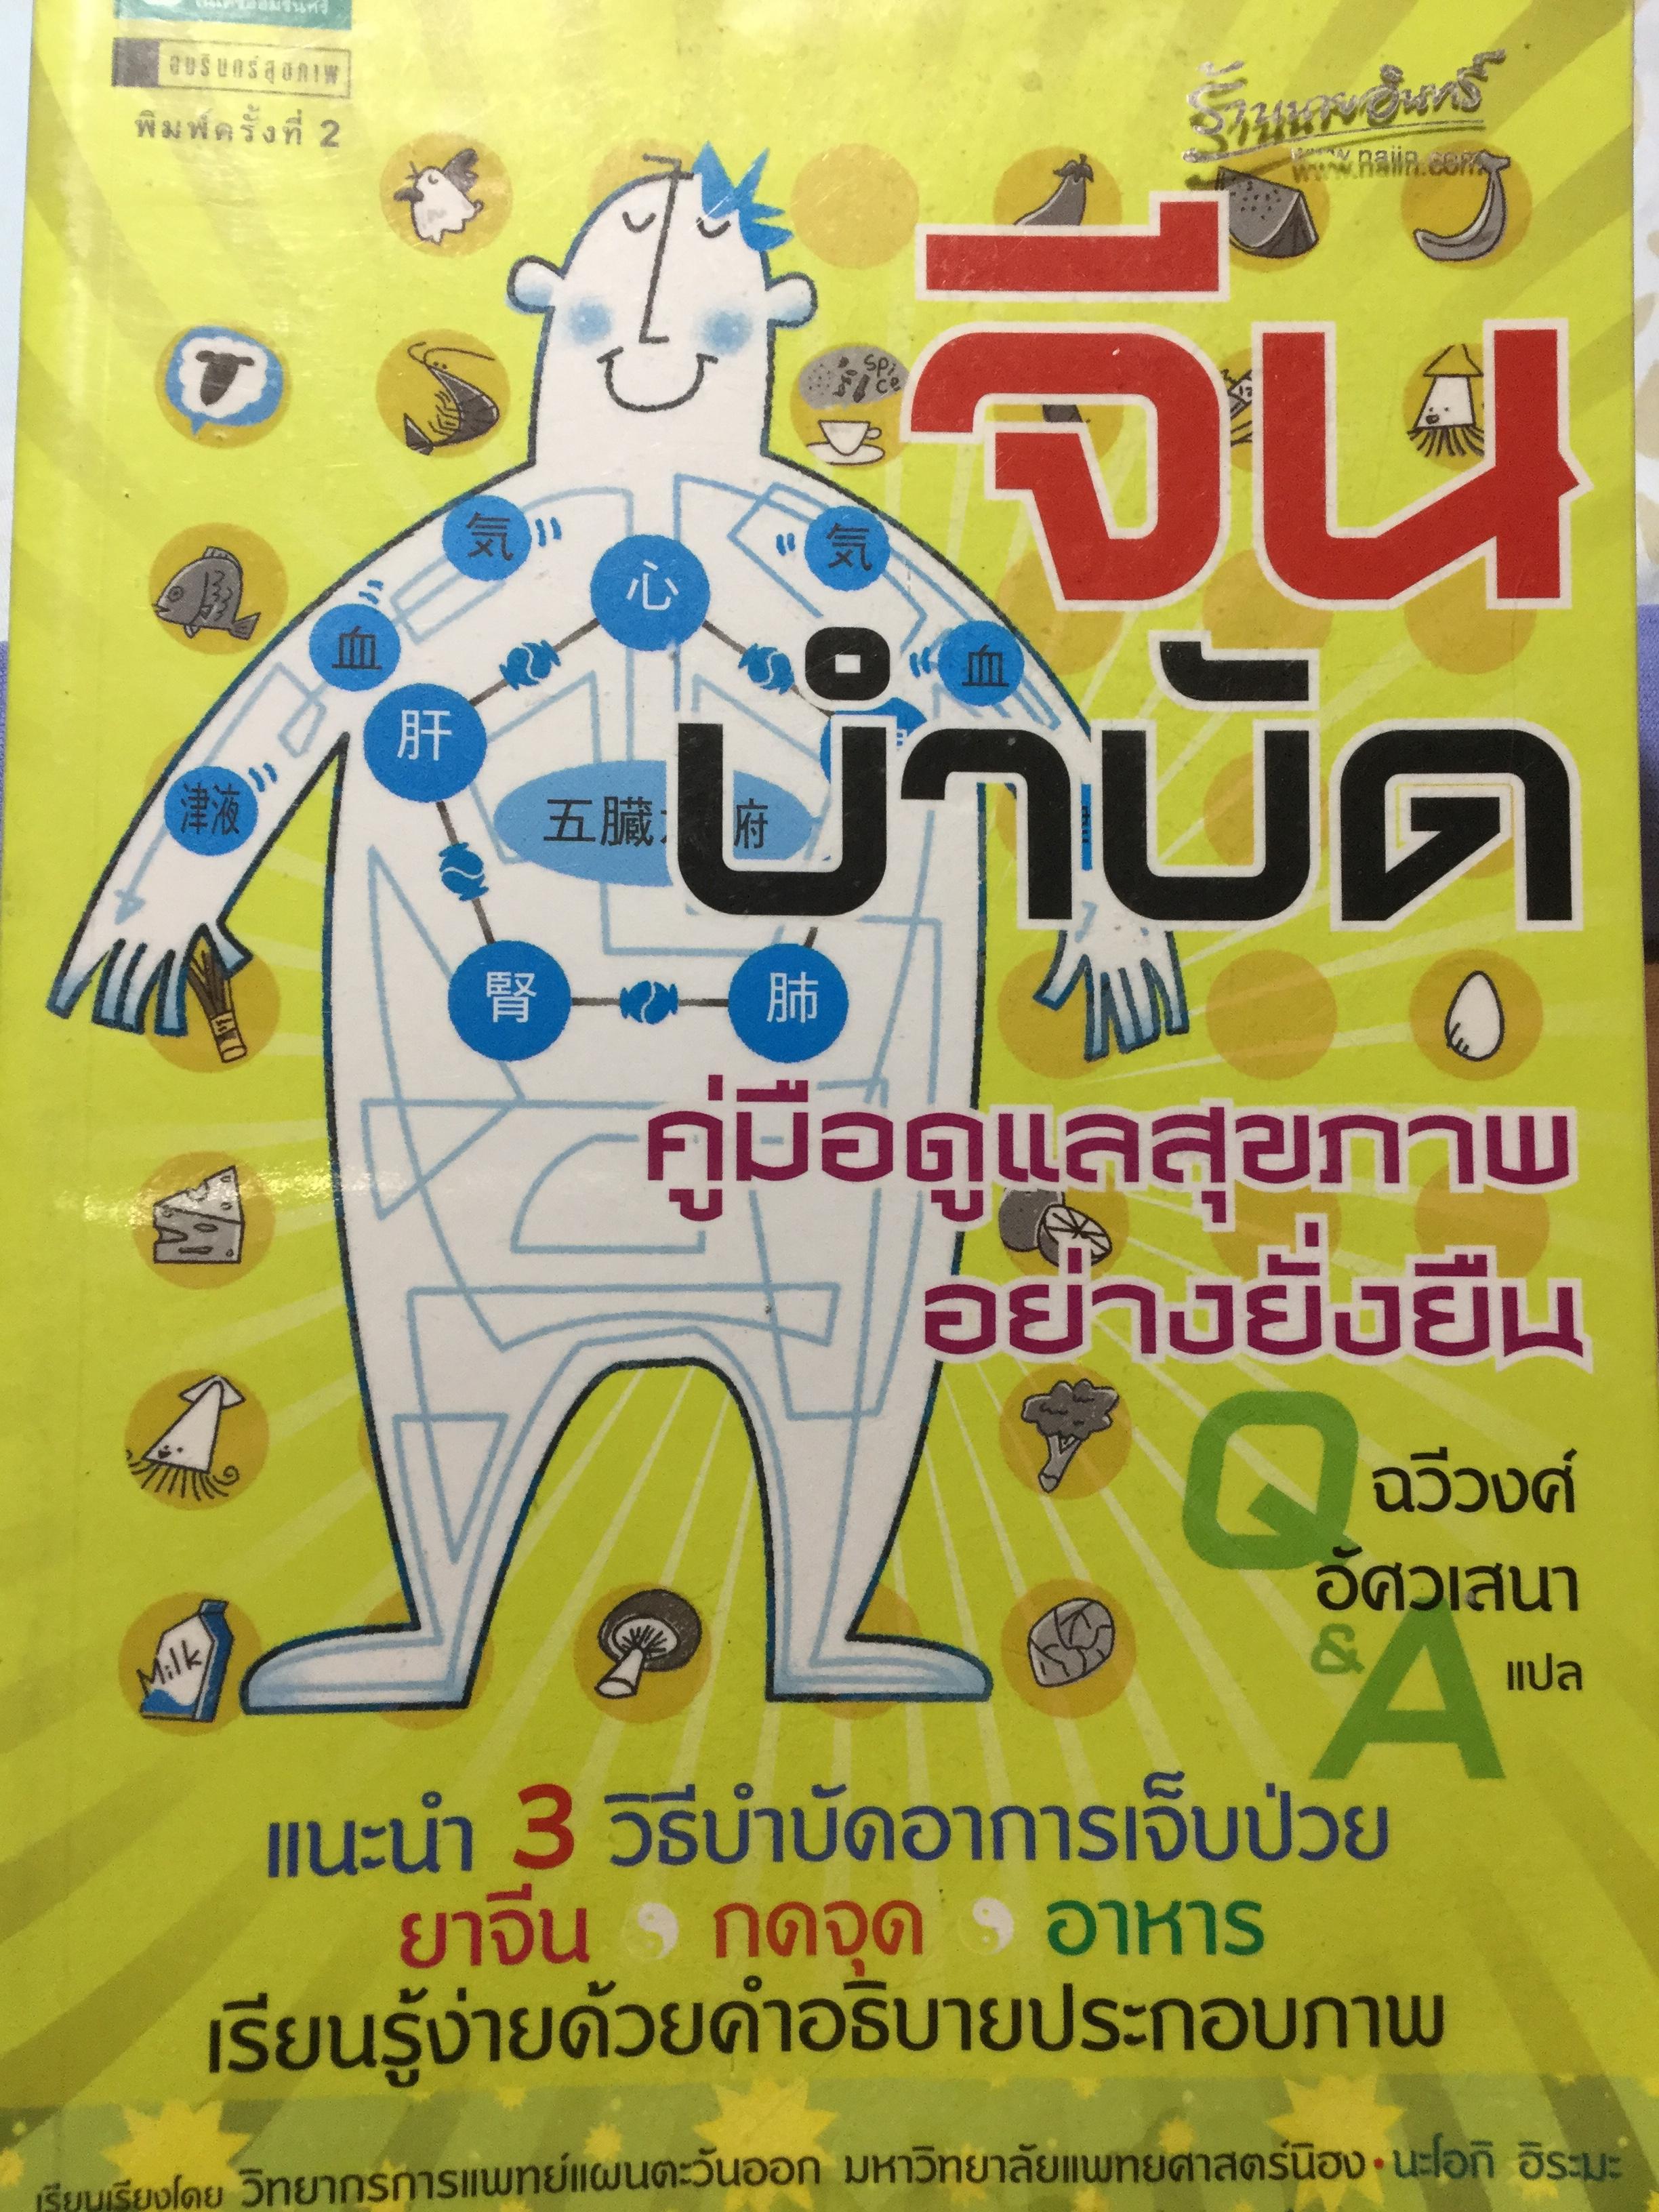 จีนบำบัด คู่มือดูแลสุขภาพอย่างยิ่ง แนะนำ 3 วิธีบำบัดอาการเจ็บป่วย ยาจีน กดจุด อาหาร